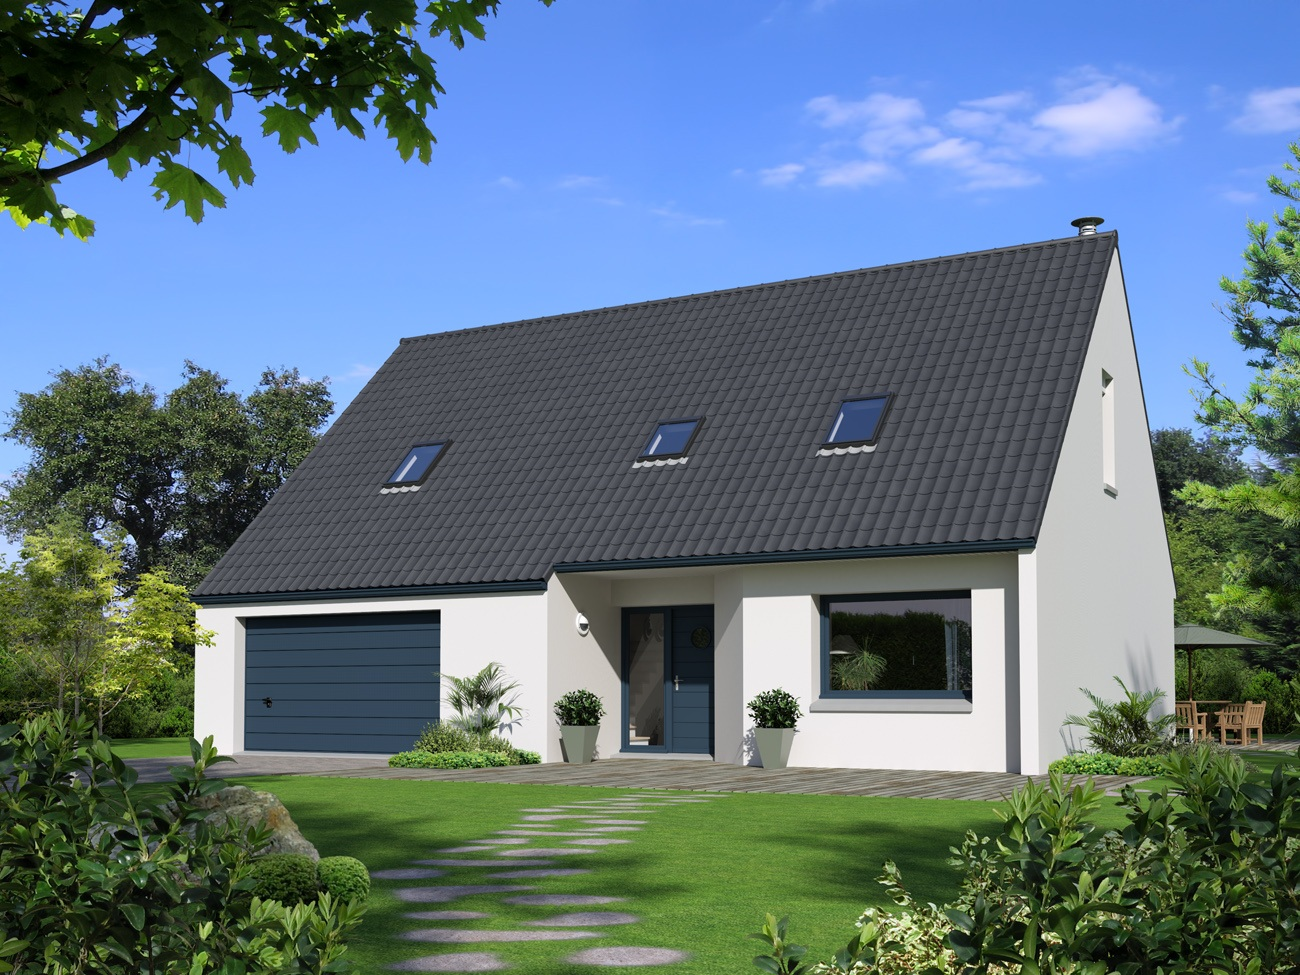 Maisons + Terrains du constructeur MAISON FAMILIALE • 120 m² • HENIN BEAUMONT